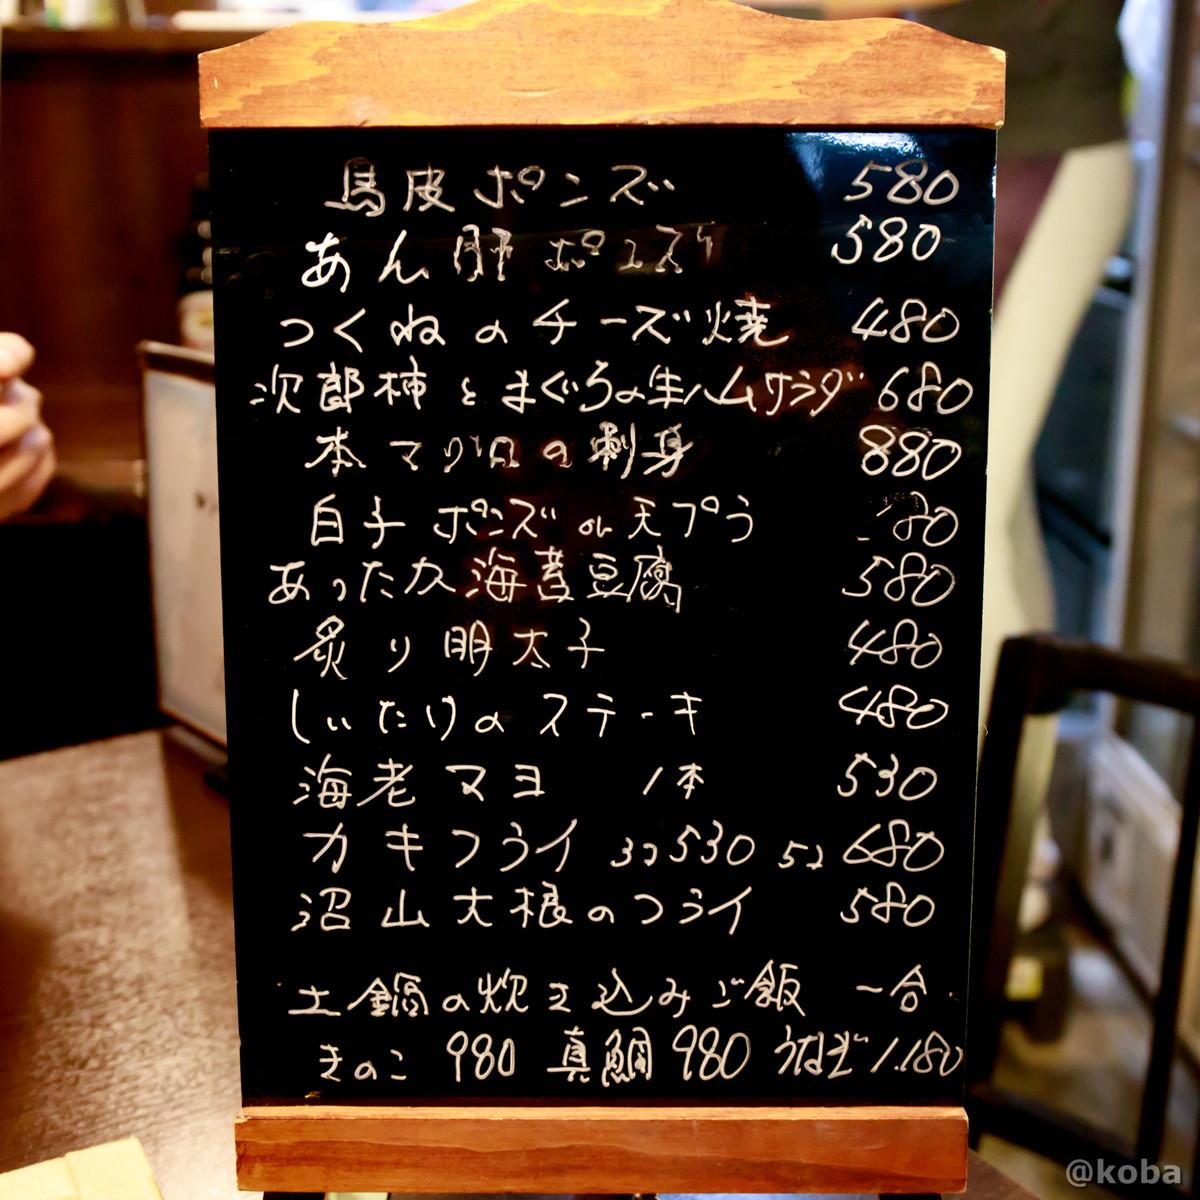 おすすめメニューの写真|六人衆(ろくにんしゅう) ROKUNIN SYU 日本酒 居酒屋|東京都江戸川区・小岩